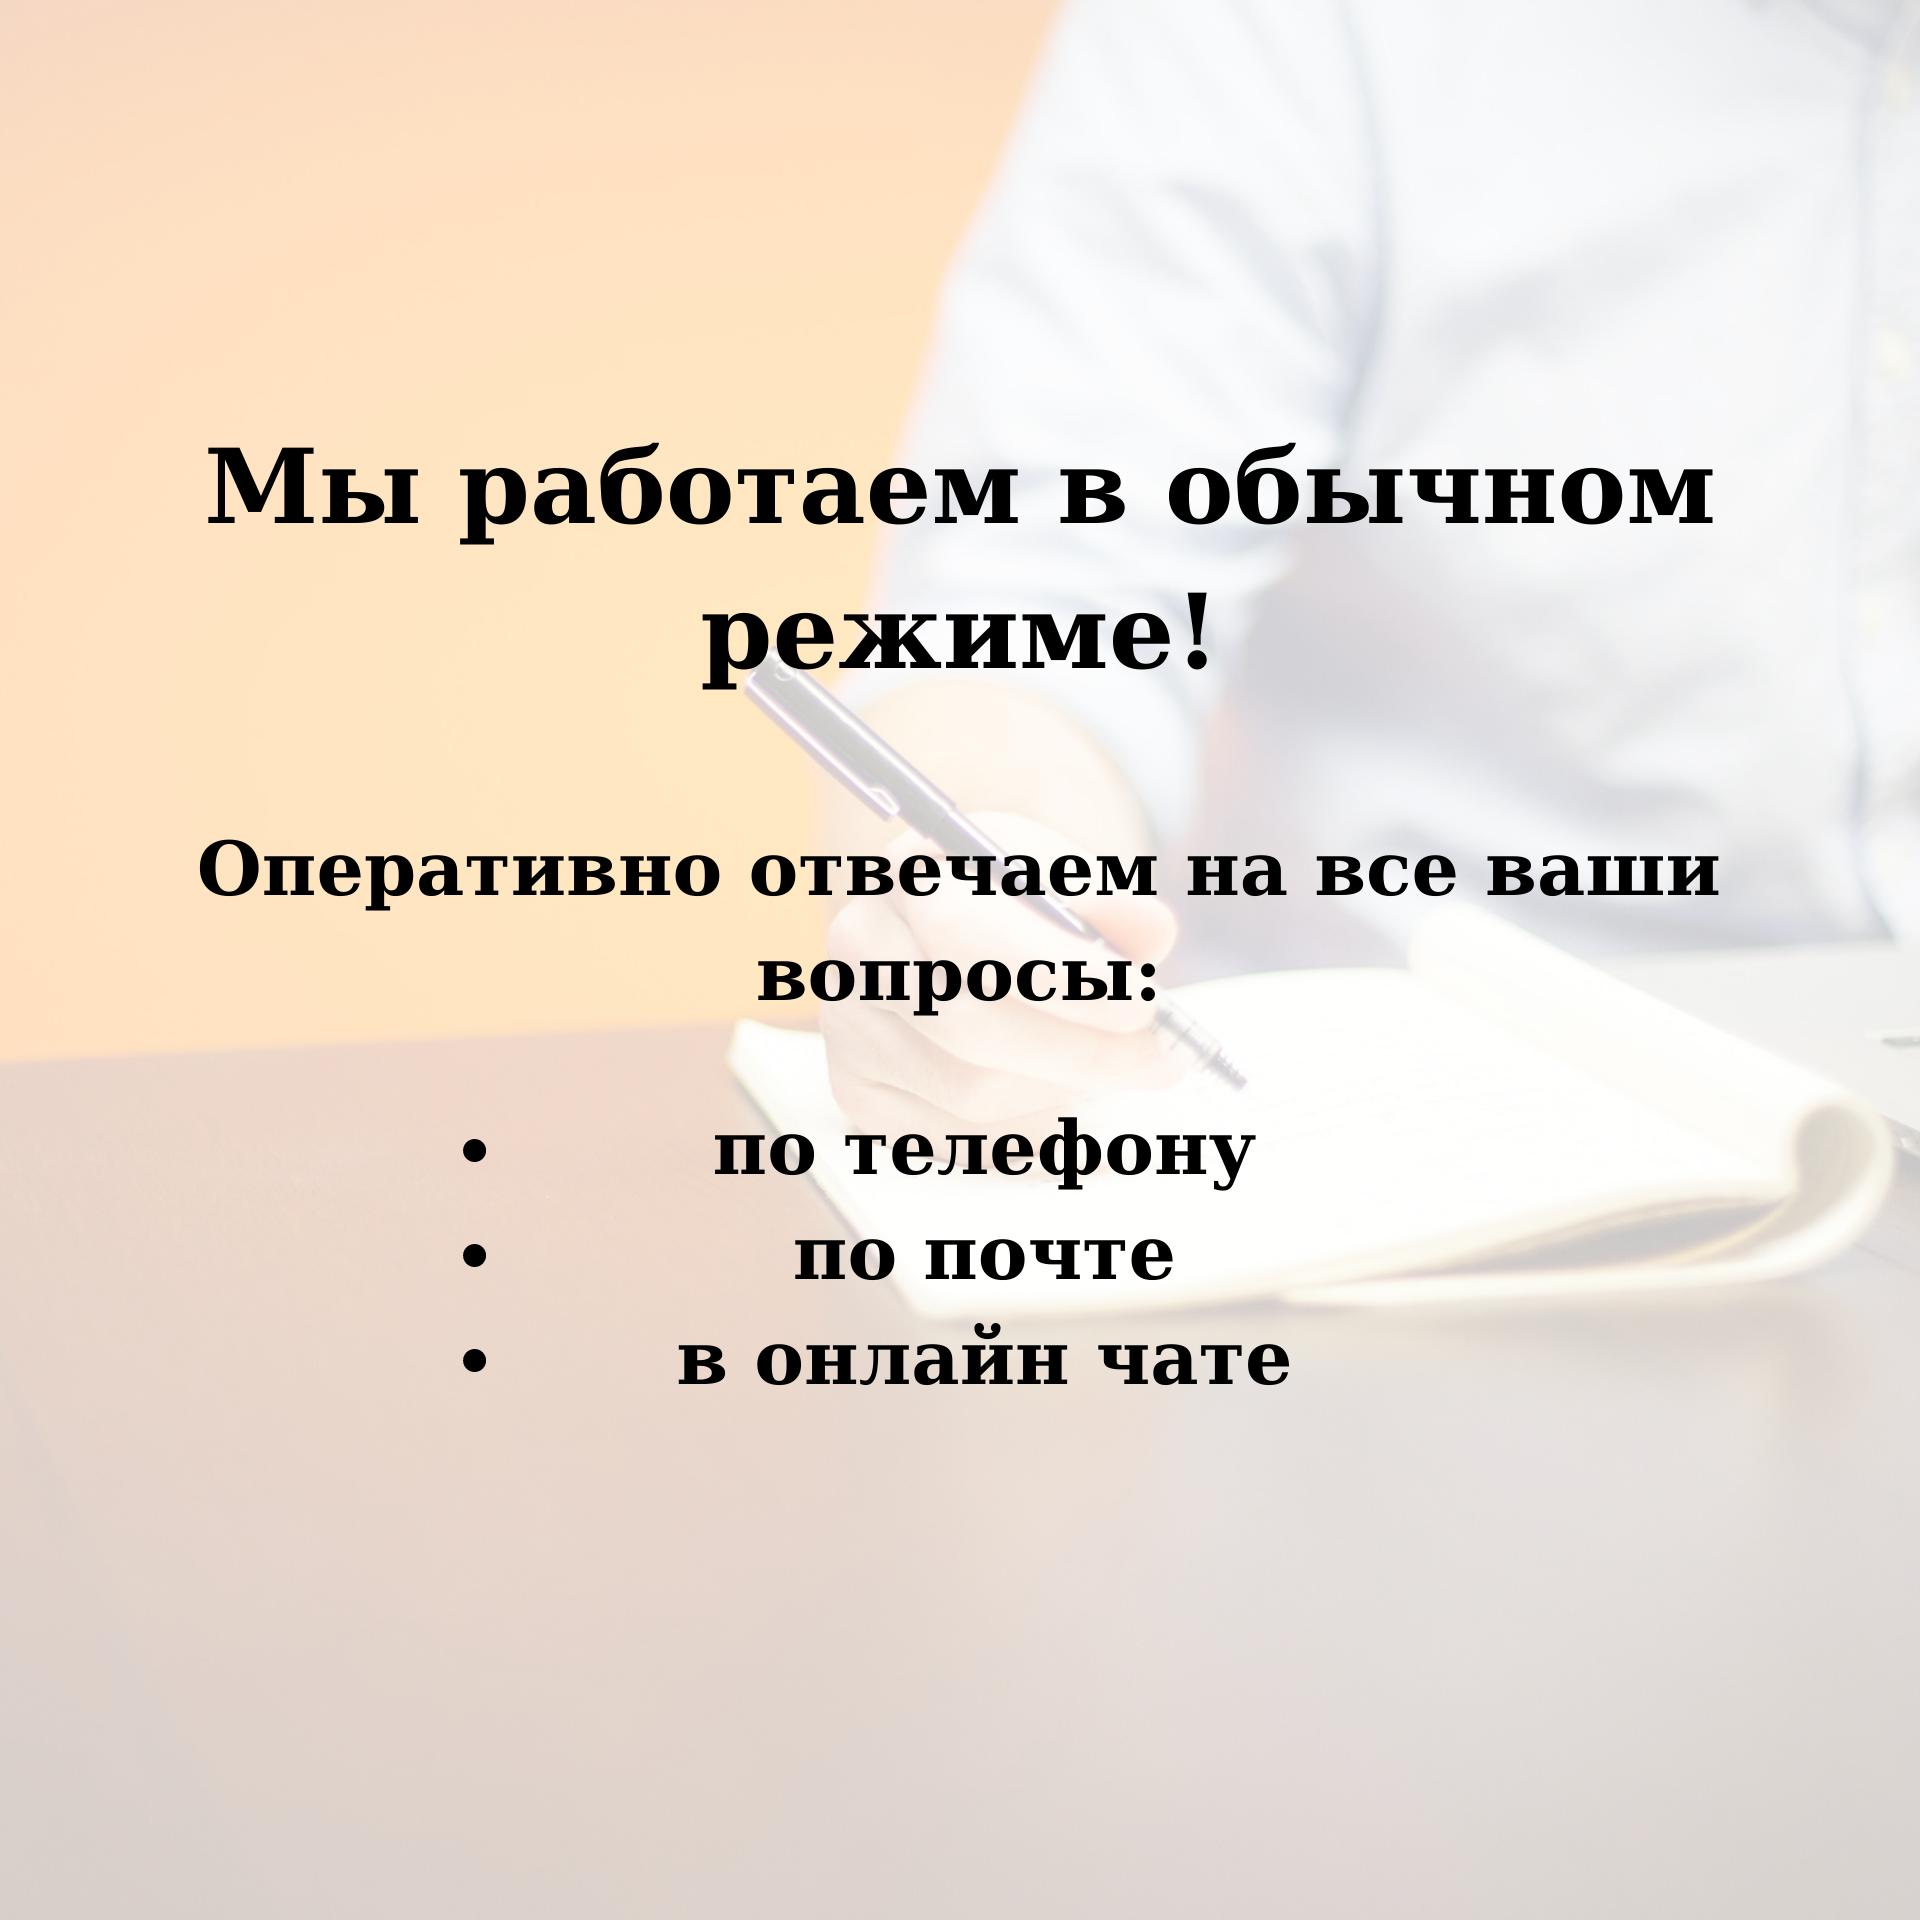 Центр сертификации продукции Москва - Делотест